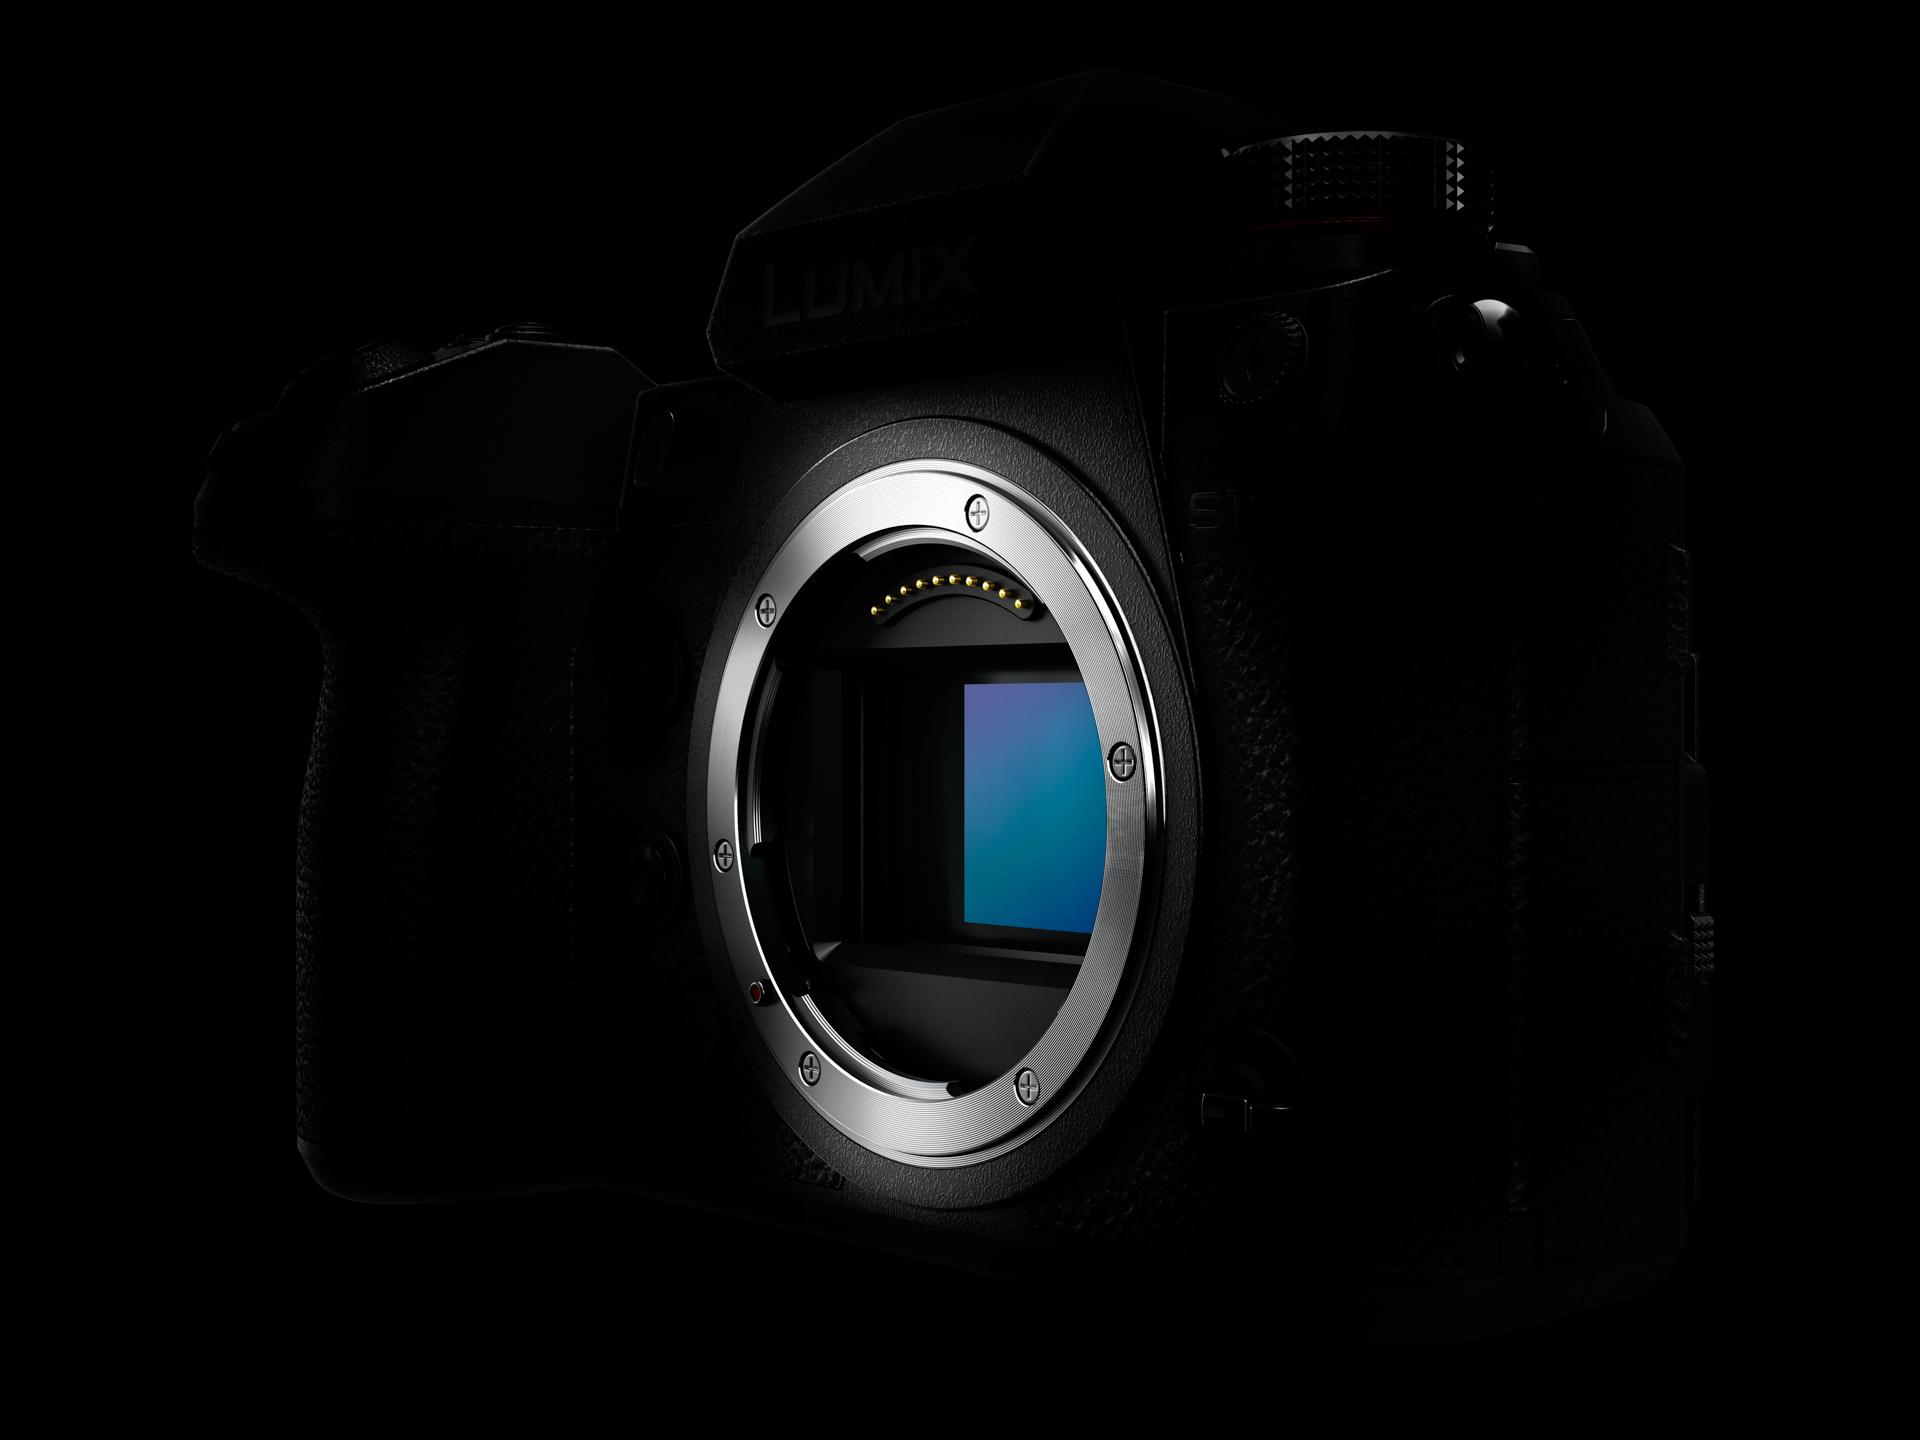 Panasonic S1S cine camera rumors: third S-series model may be video